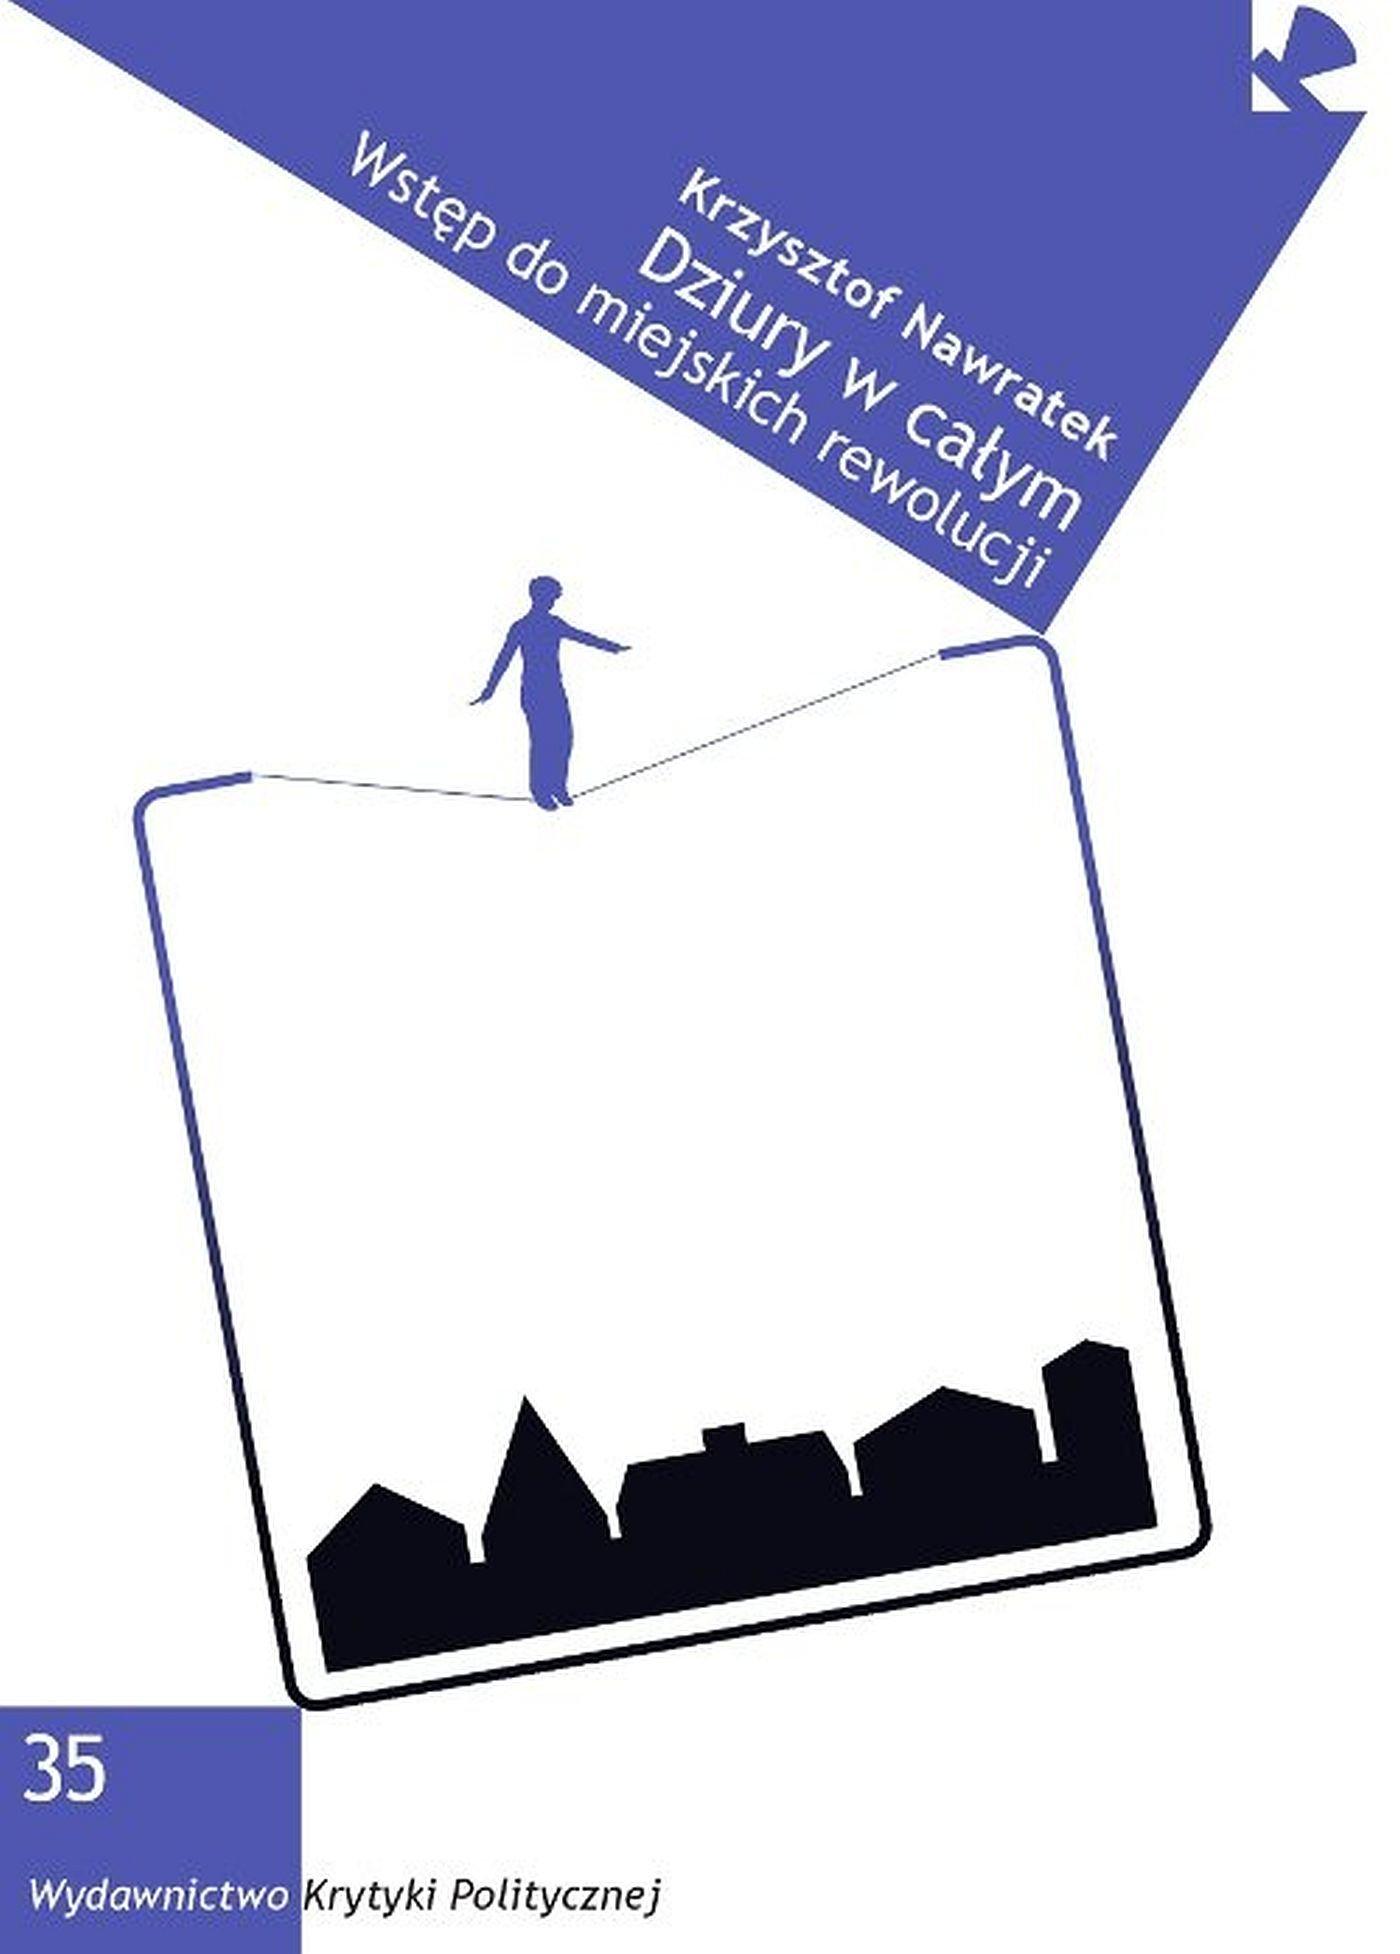 Dziury w całym. Wstęp do miejskich rewolucji. - Ebook (Książka EPUB) do pobrania w formacie EPUB